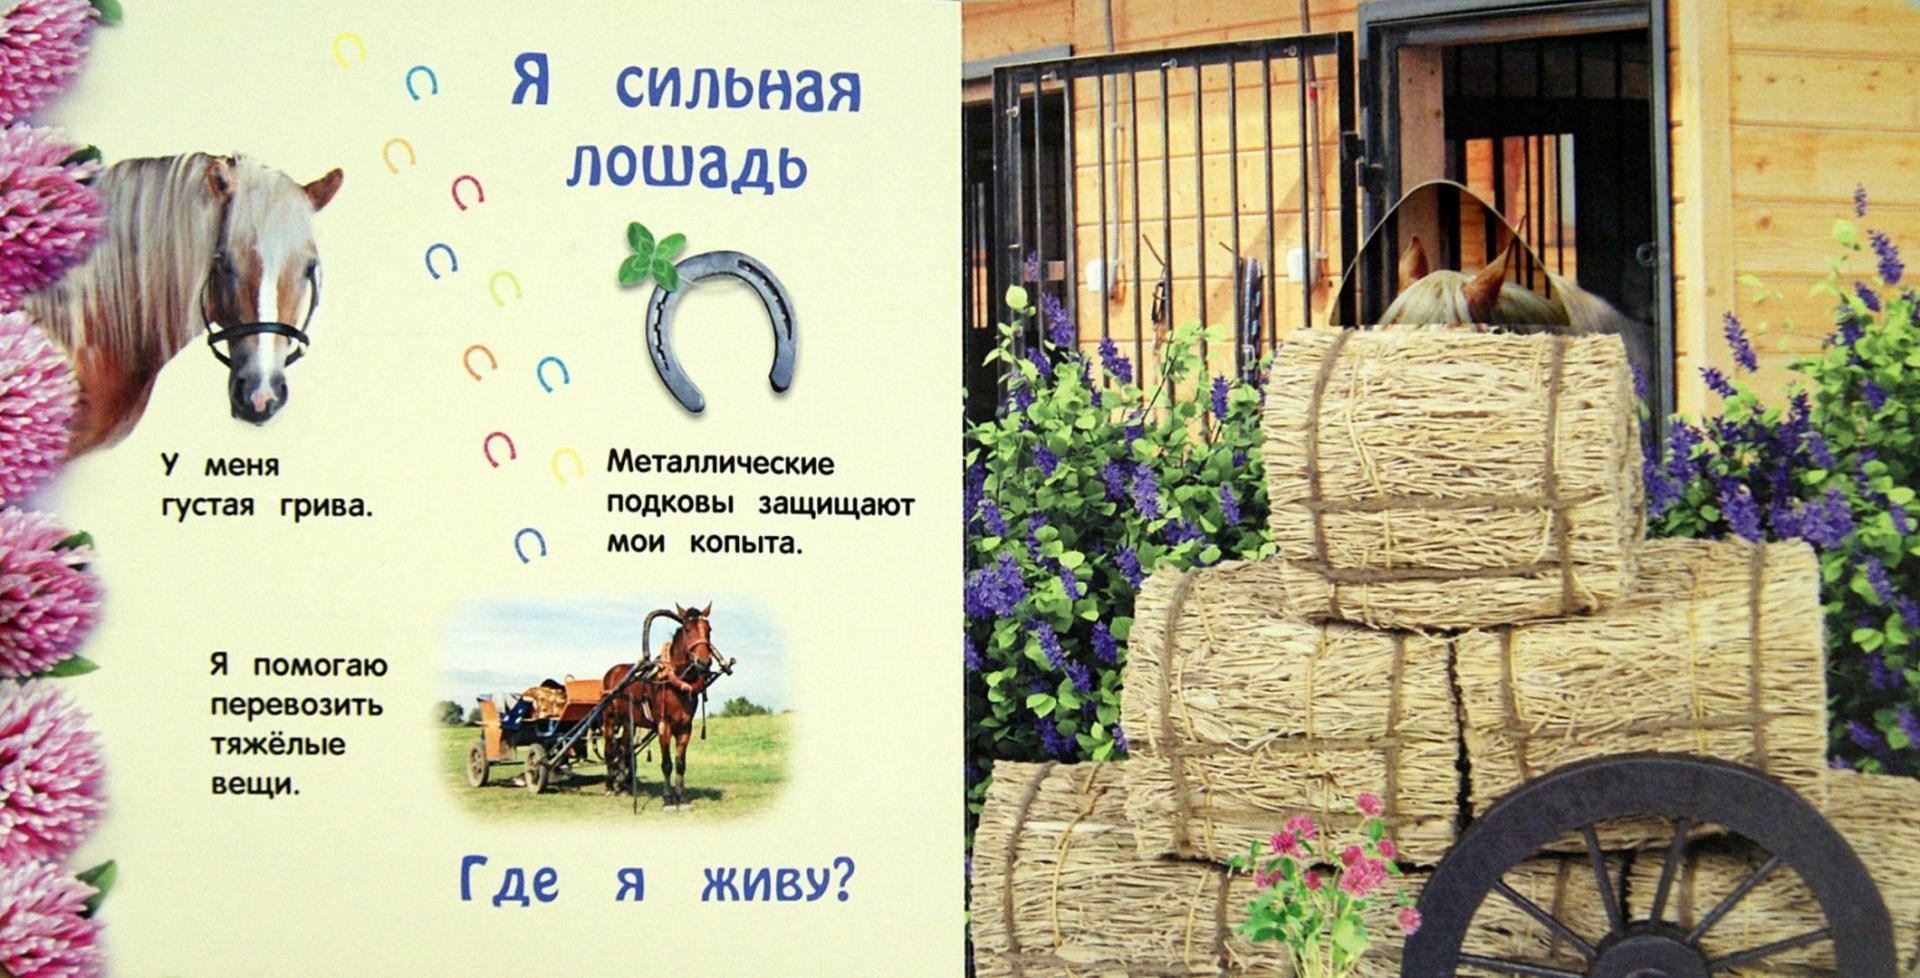 Иллюстрация 1 из 21 для Чей это домик - Анастасия Климко   Лабиринт - книги. Источник: Лабиринт